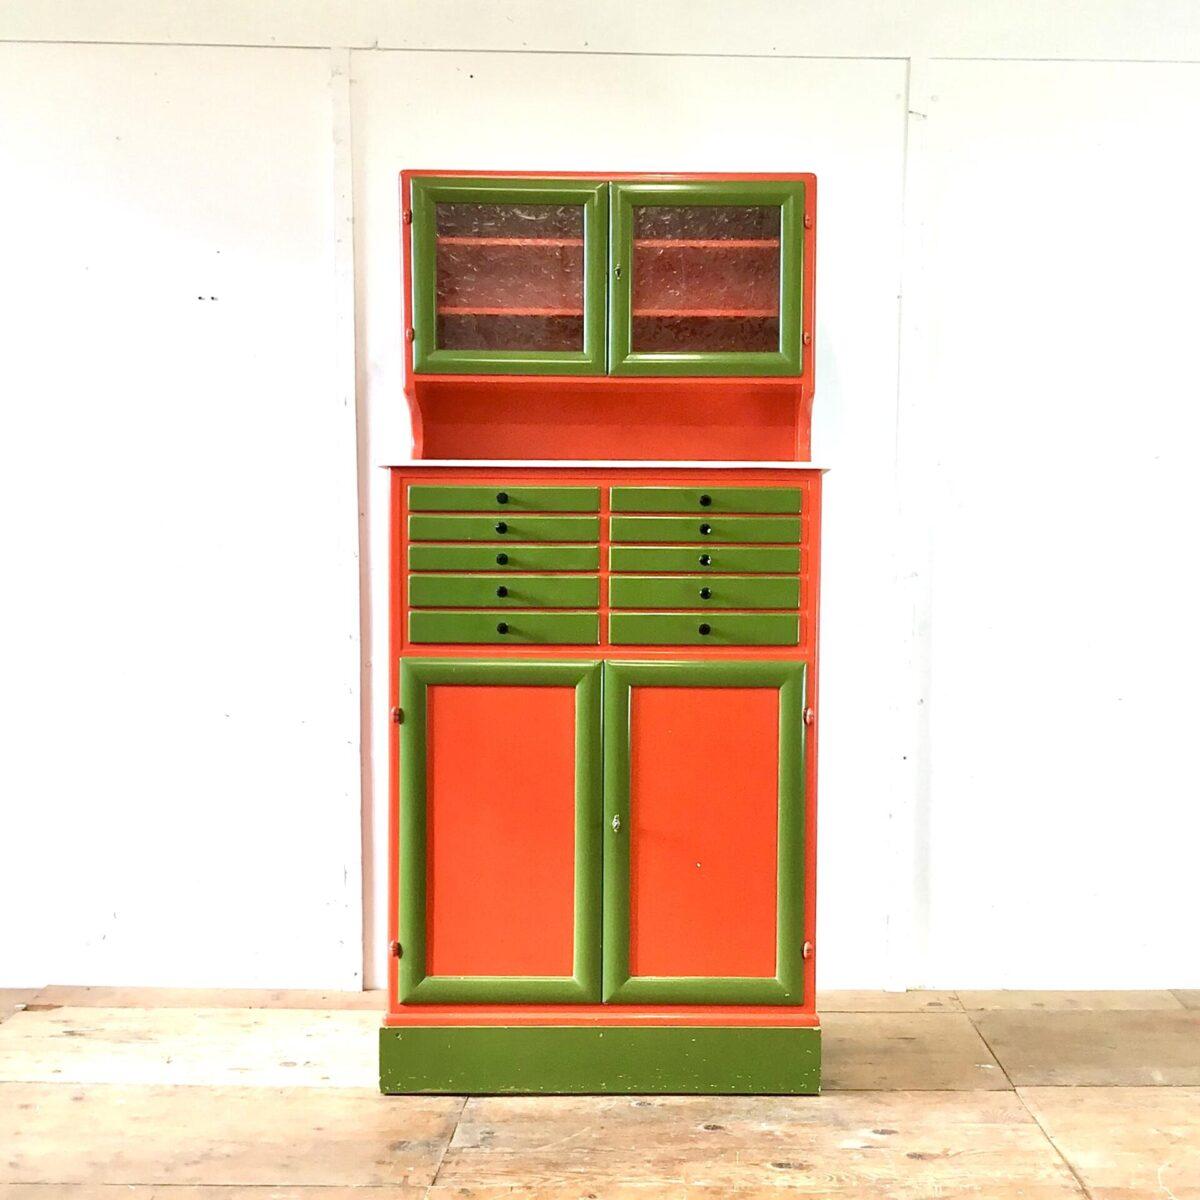 Farbiges Vintage Buffet mit Schubladen. 82x38cm Höhe 169.5cm. Die weisse Marmor ähnliche Ablagefläche, wohl aus Kunststein, ist 114.5cm ab Boden. Das Möbel ist ähnlich einem klassischen Küchenbuffet aufgebaut. Dient aber wohl eher einem Wohnzimmer Schrank da die Arbeitsfläche höher ist. Der Oberschrank hat gemusterte Glastüren. Hinter den unteren Türen findet man Stauraum mit drei Tablaren. Die Türen sind abschliessbar, zwei Schlüsse vorhanden. Das Herzstück sind natürlich die Schubladen mit den schwarzen Kunststoffgriffen. Ein besonders gelungenes Detail finde ich die kleinen, ovalen Scharniere.